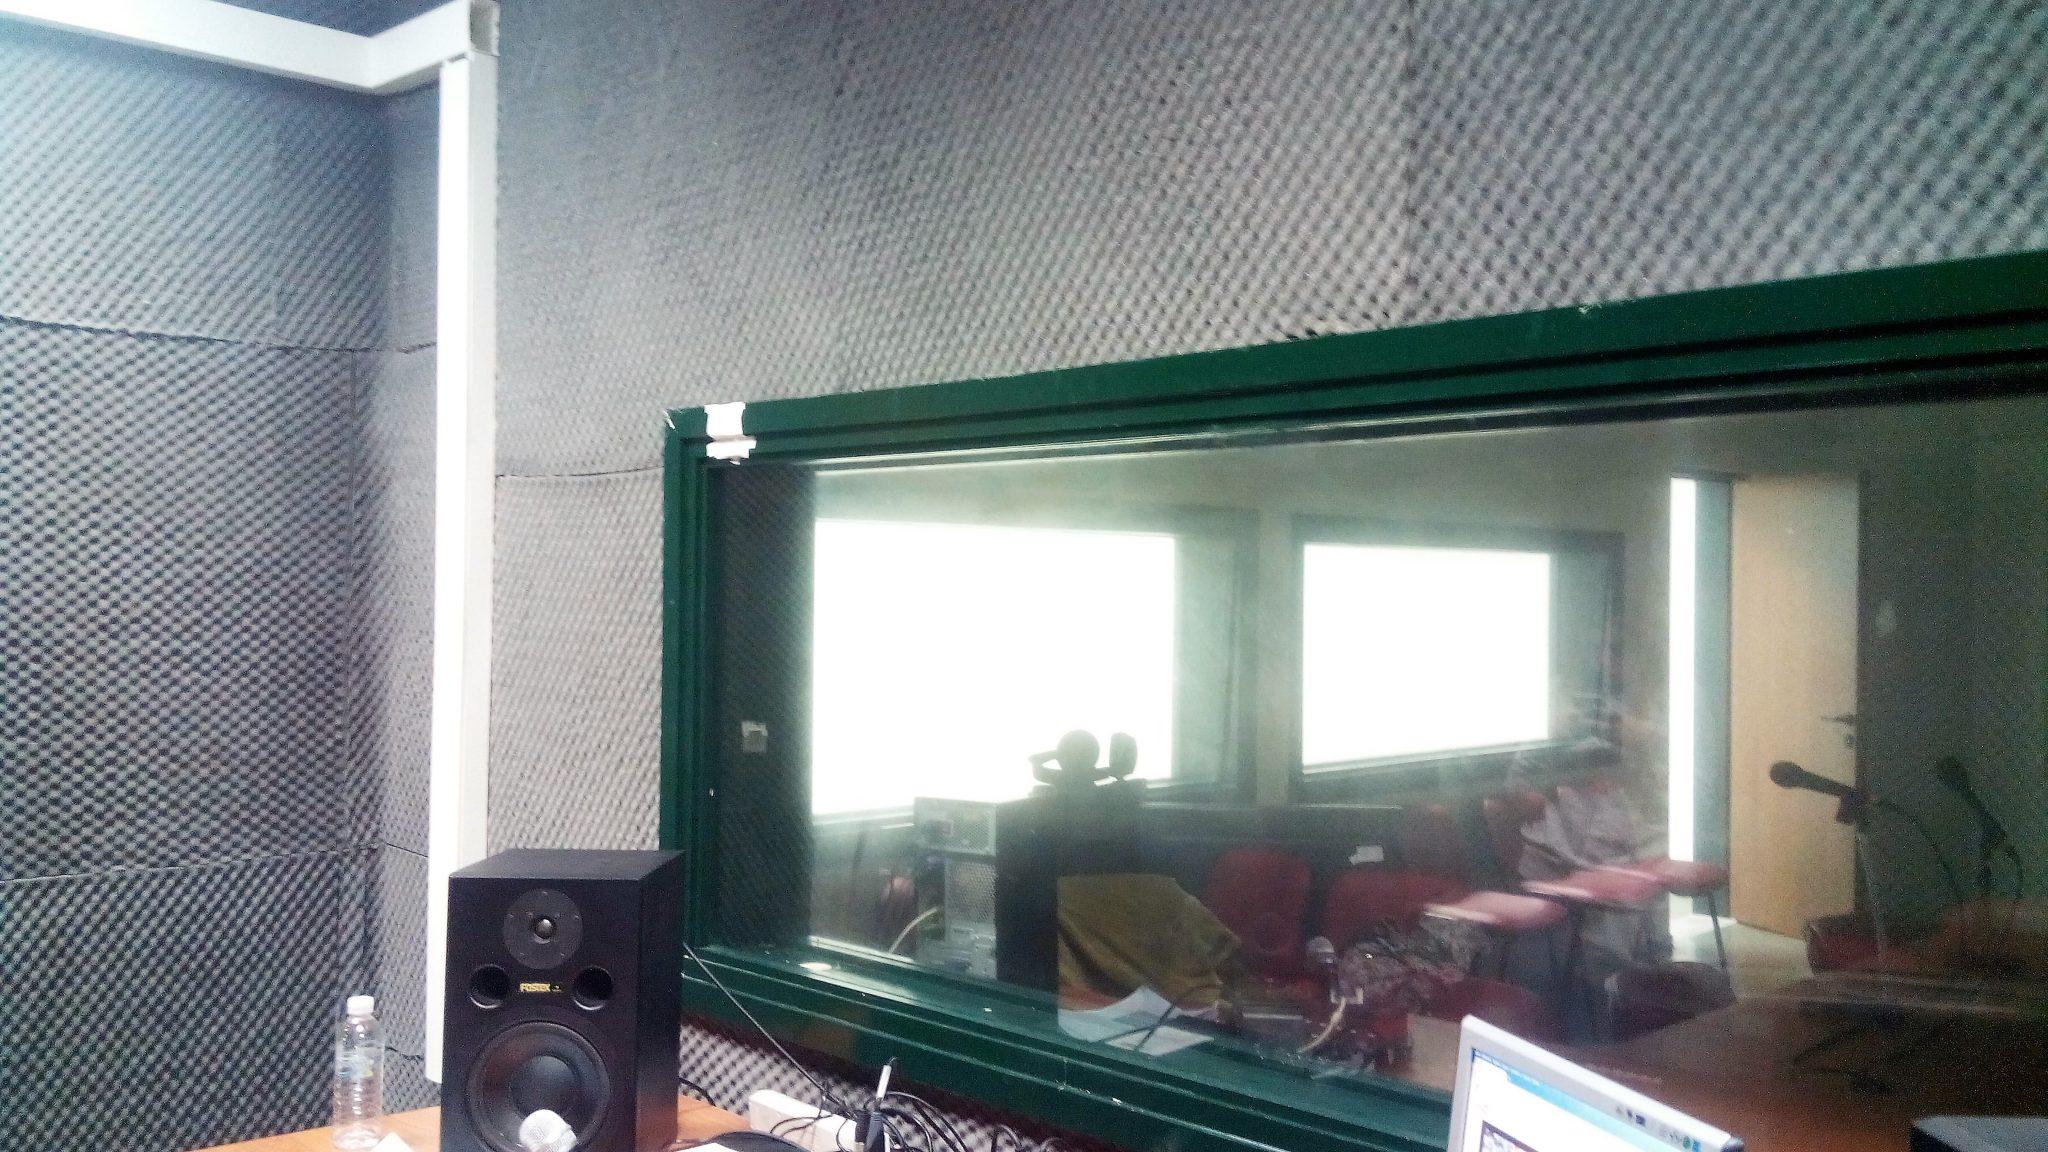 Ακουστική χώρου ηχογράφησης- μετάδοσης